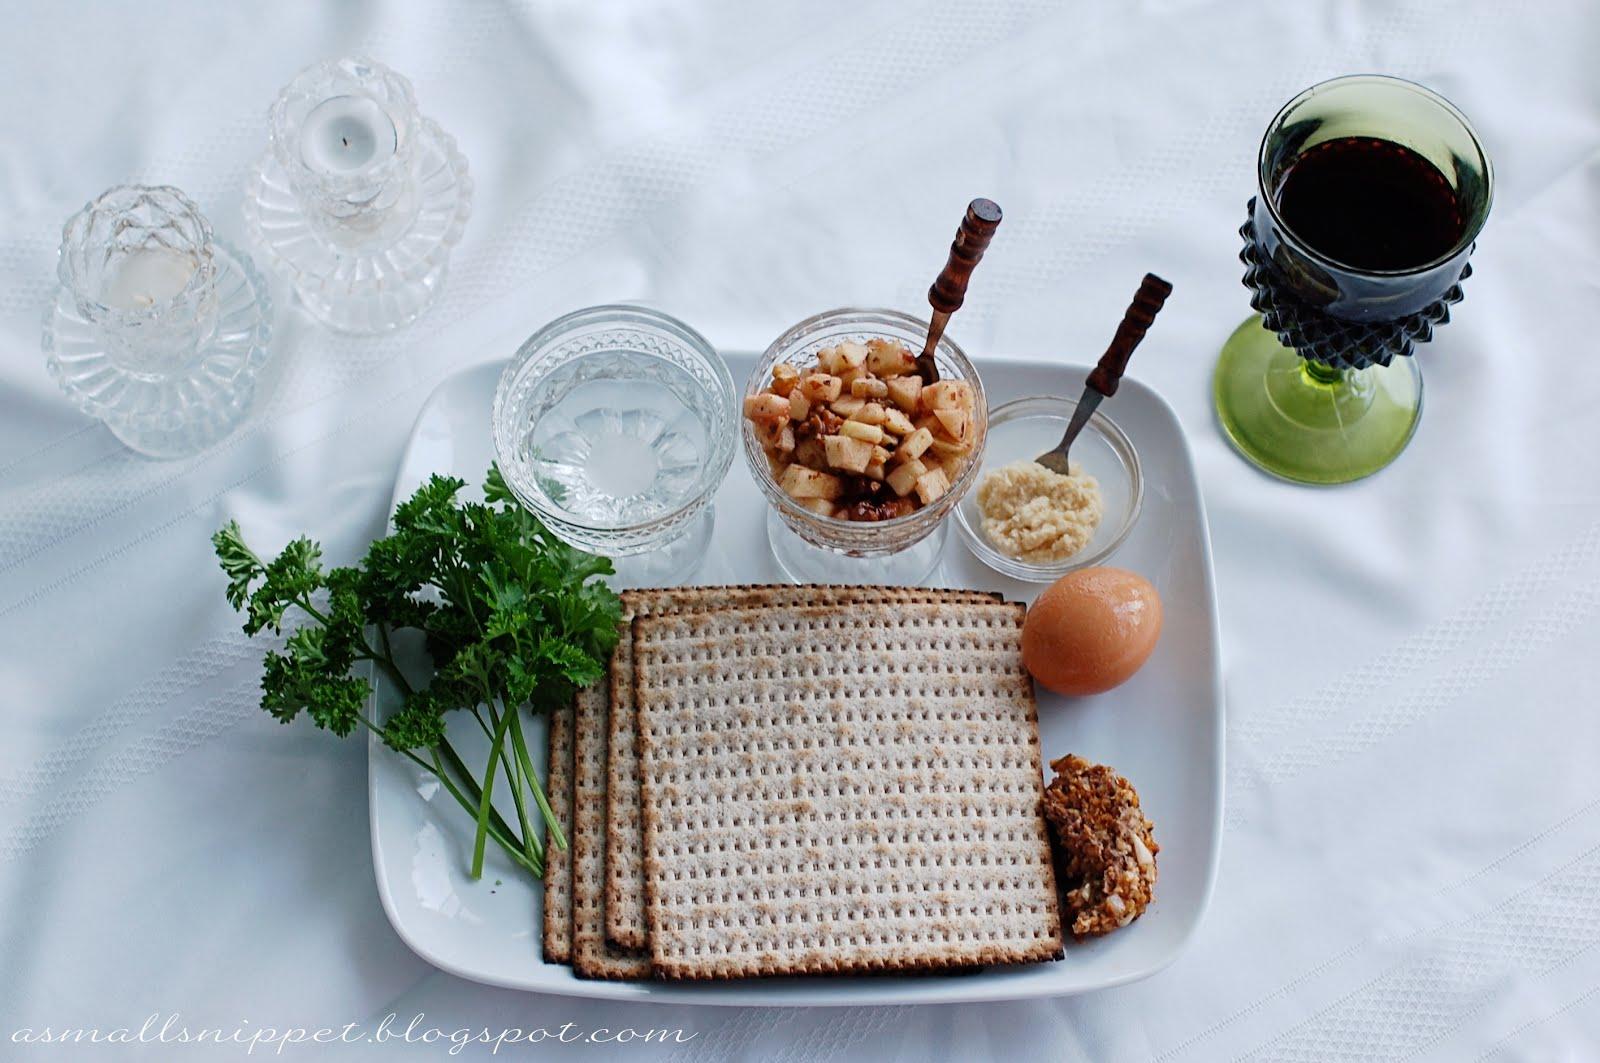 passover - photo #47